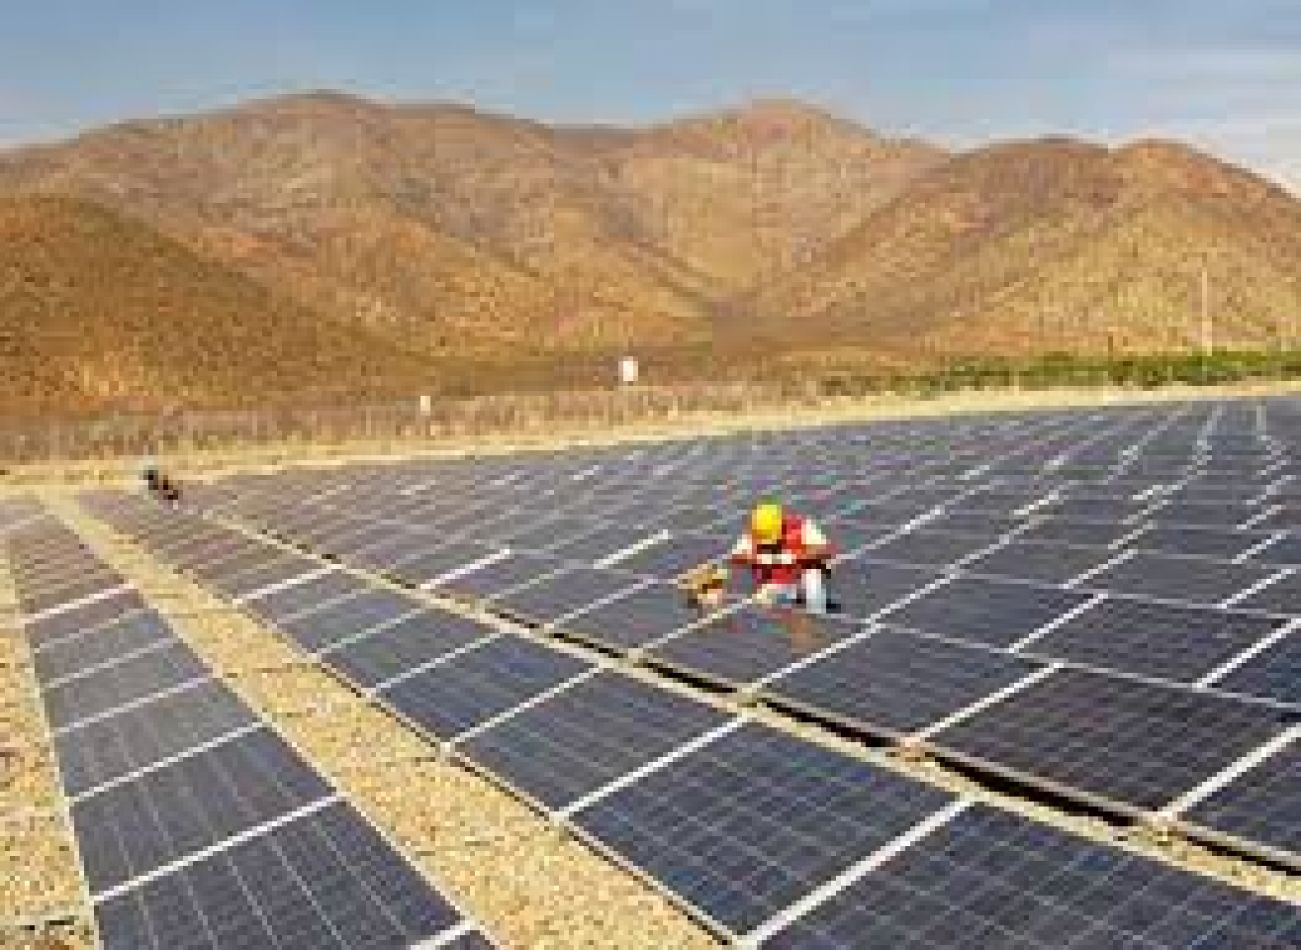 Kulfas afirmó que continuarán apoyando a la industria de energías renovables pero se diferenció del modelo de Macri y Morales en Jujuy